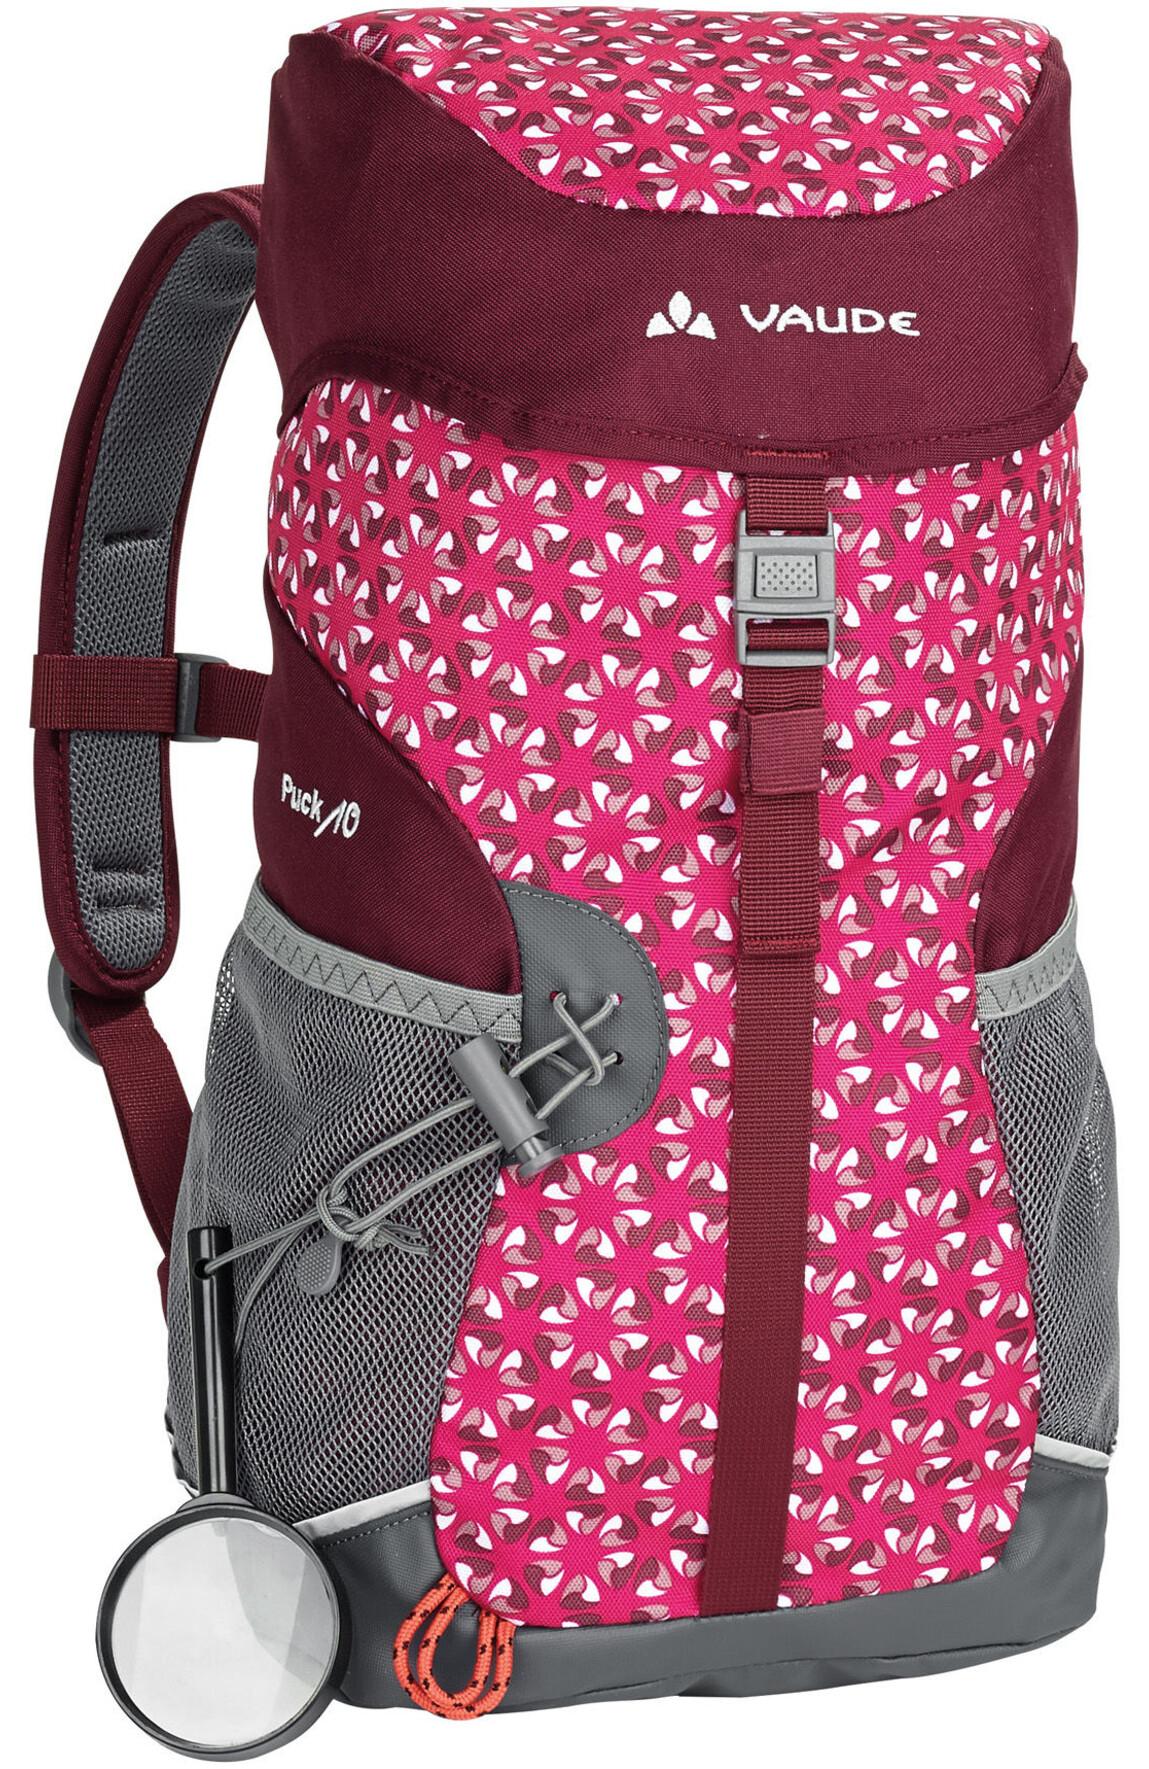 san francisco f04af 5a333 VAUDE Puck 10 Backpack Kinder grenadine